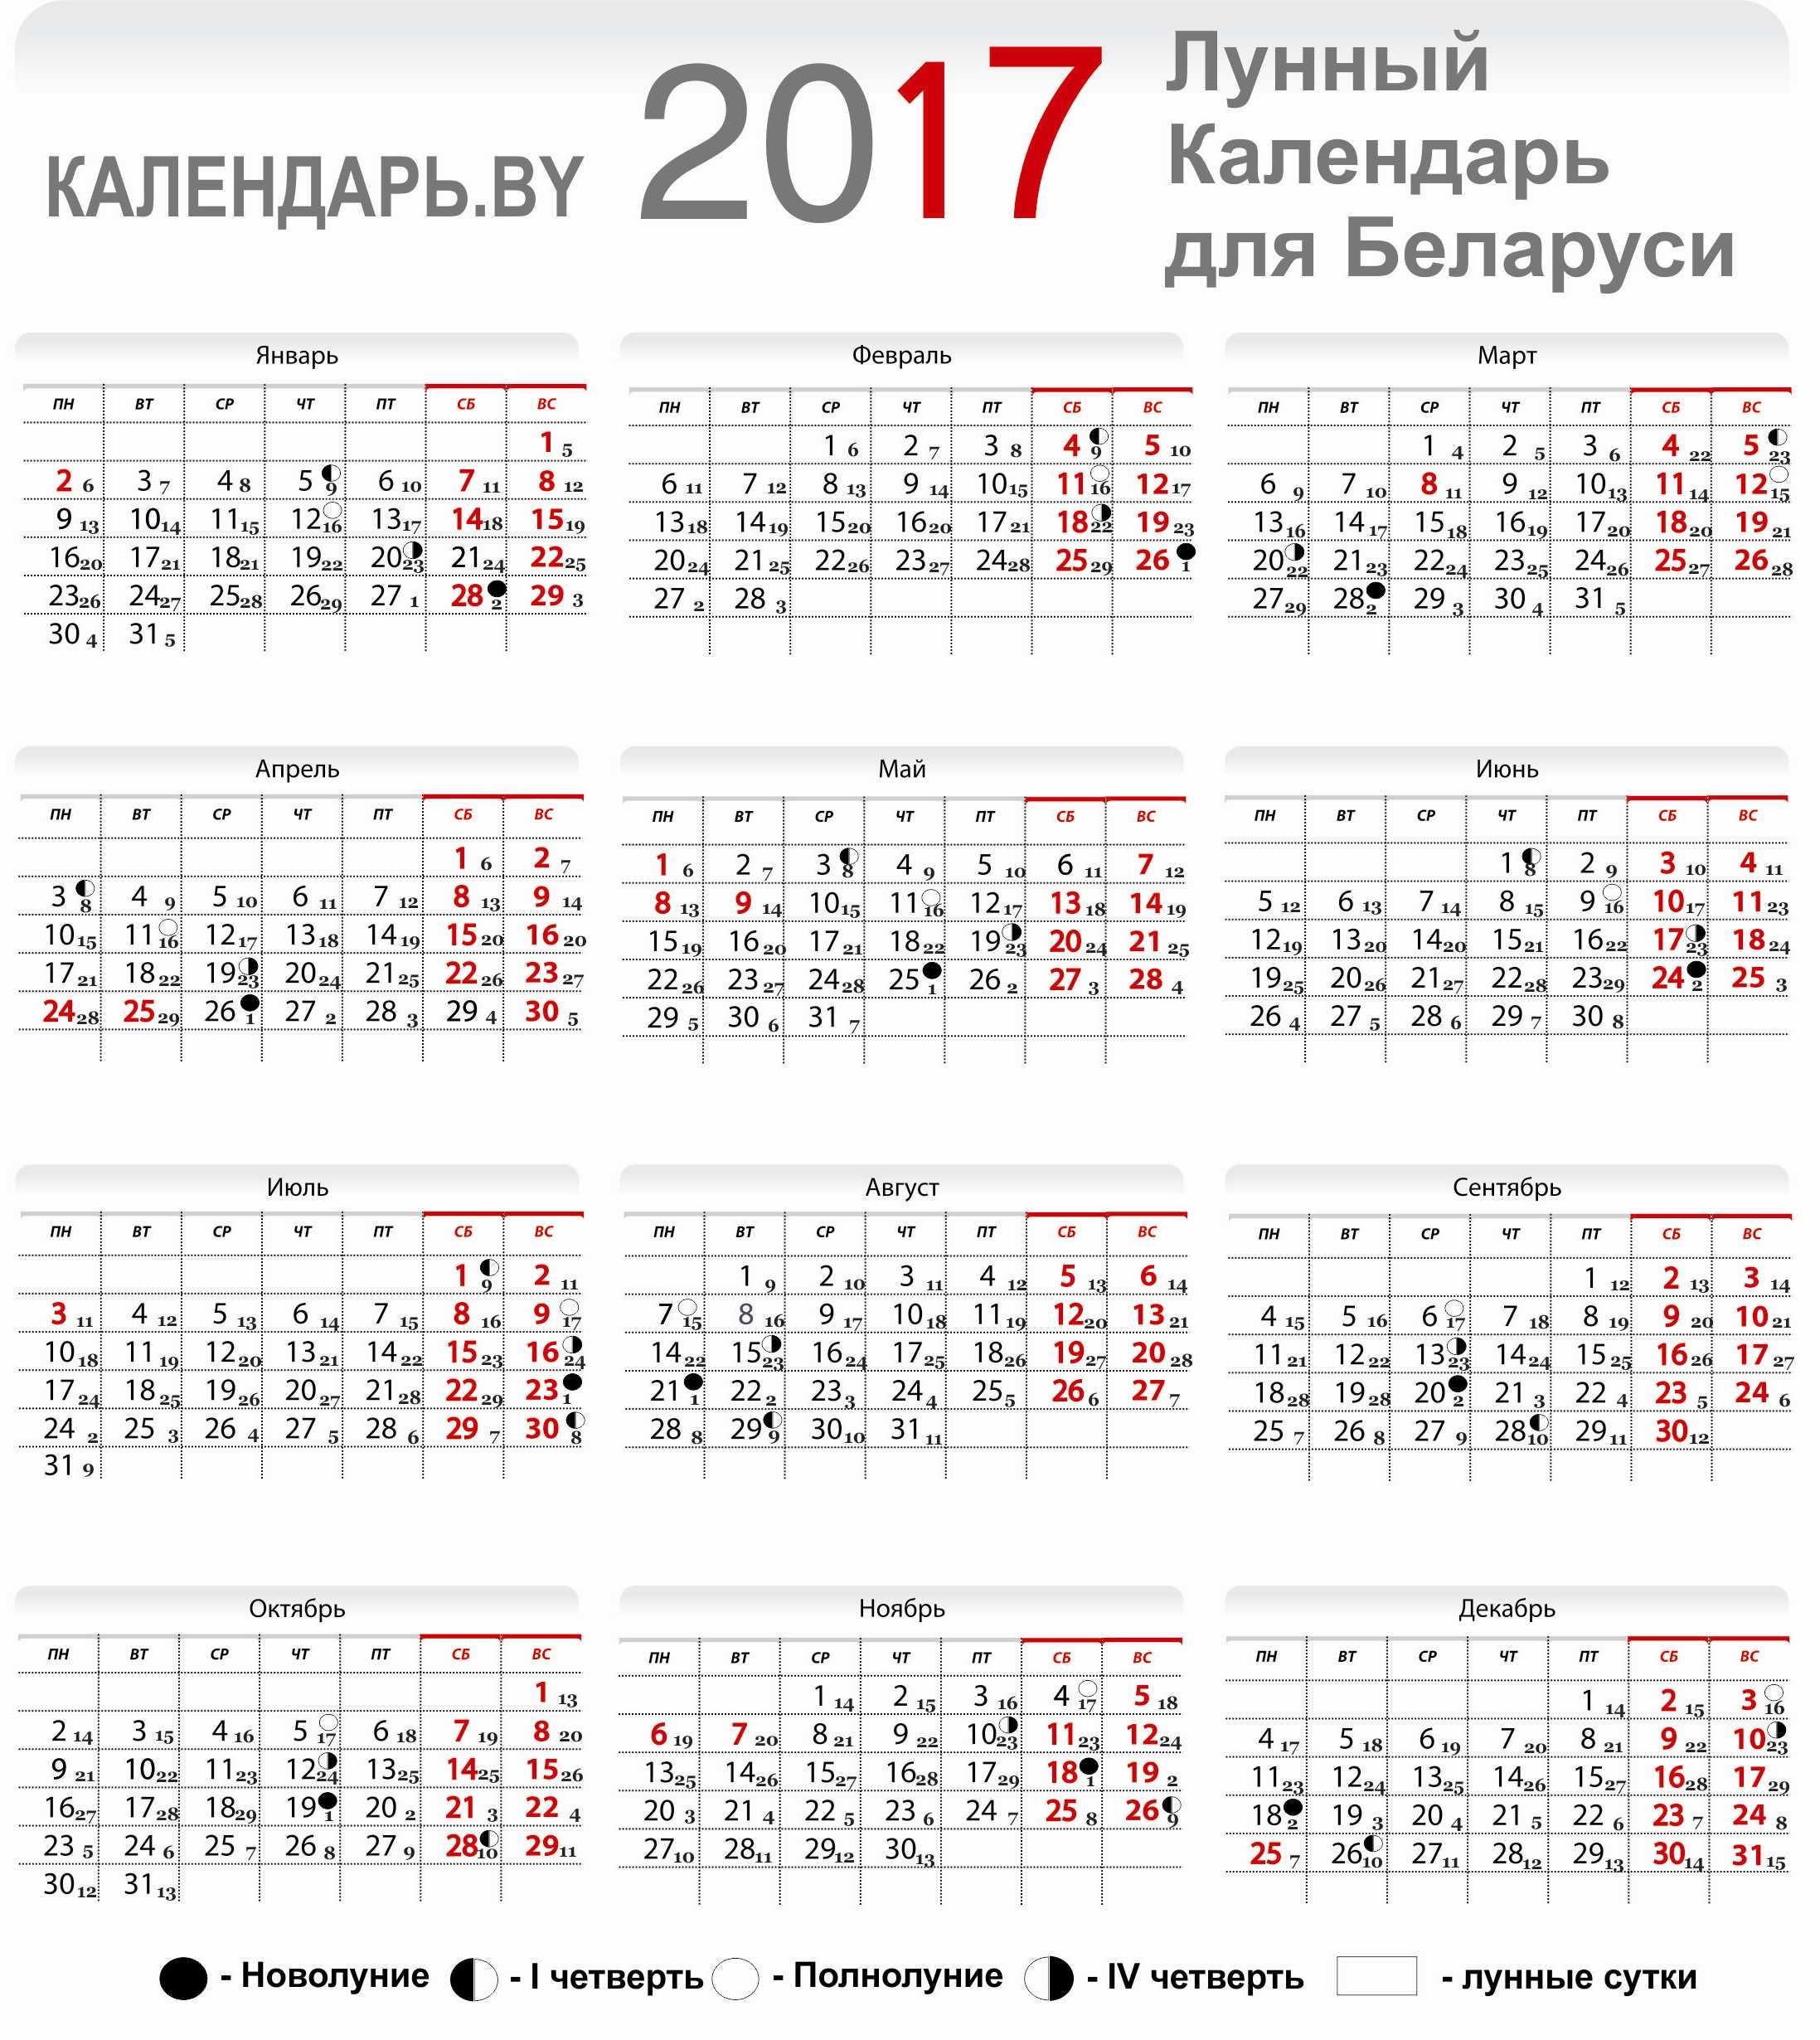 Лунный календарь на 2017 год для Беларуси